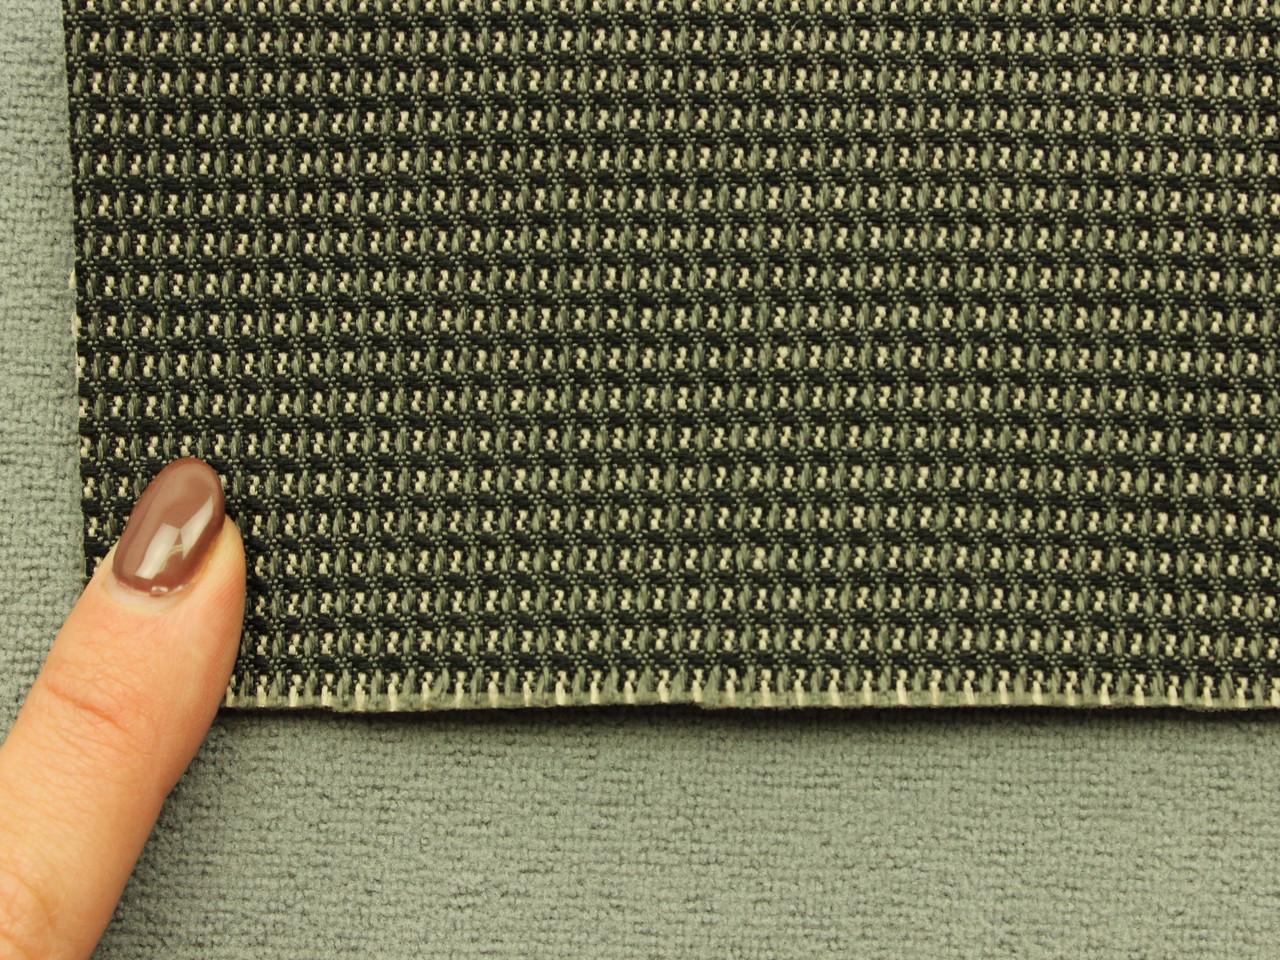 Автоткань для сидений, для центральной части, цвет серый, на поролоне (сетка), Польша